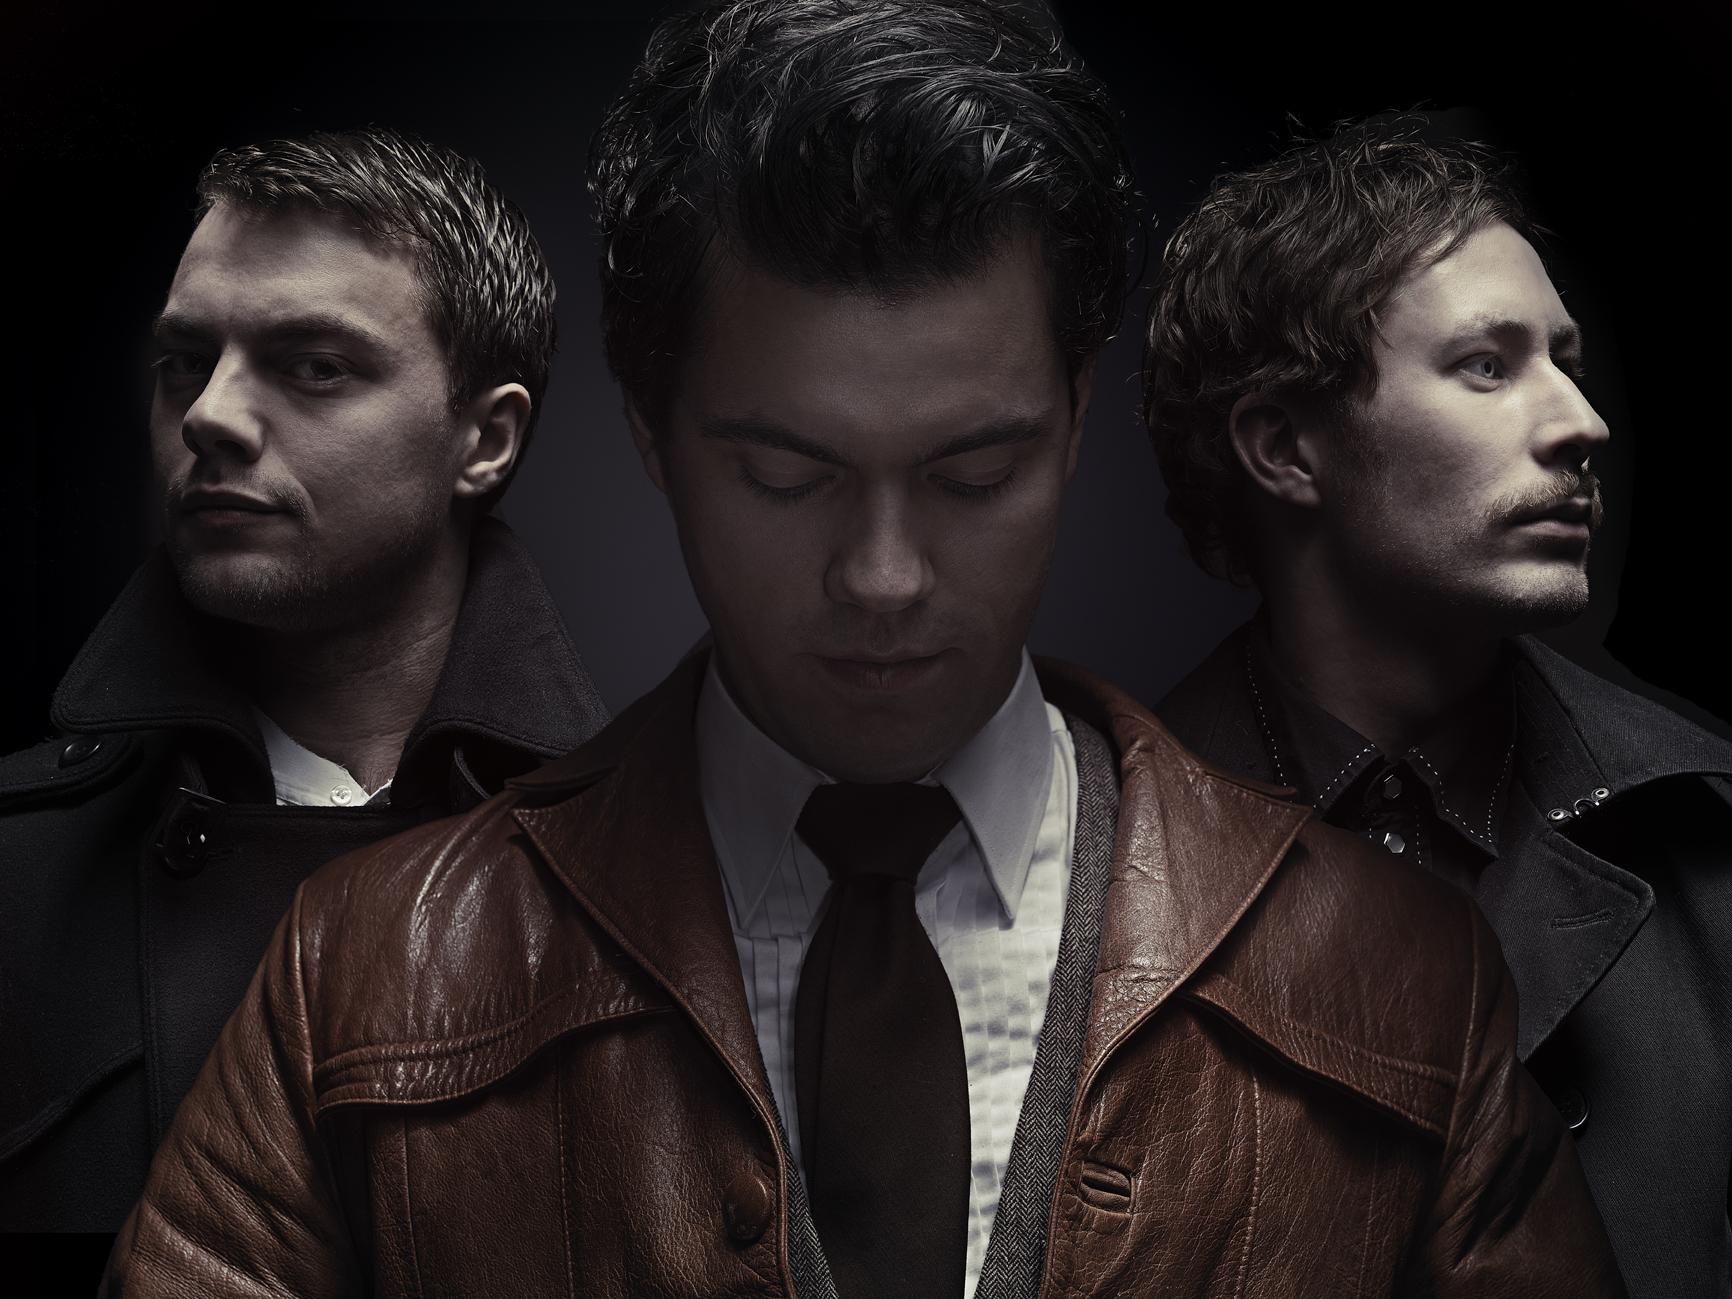 The Crank Bros